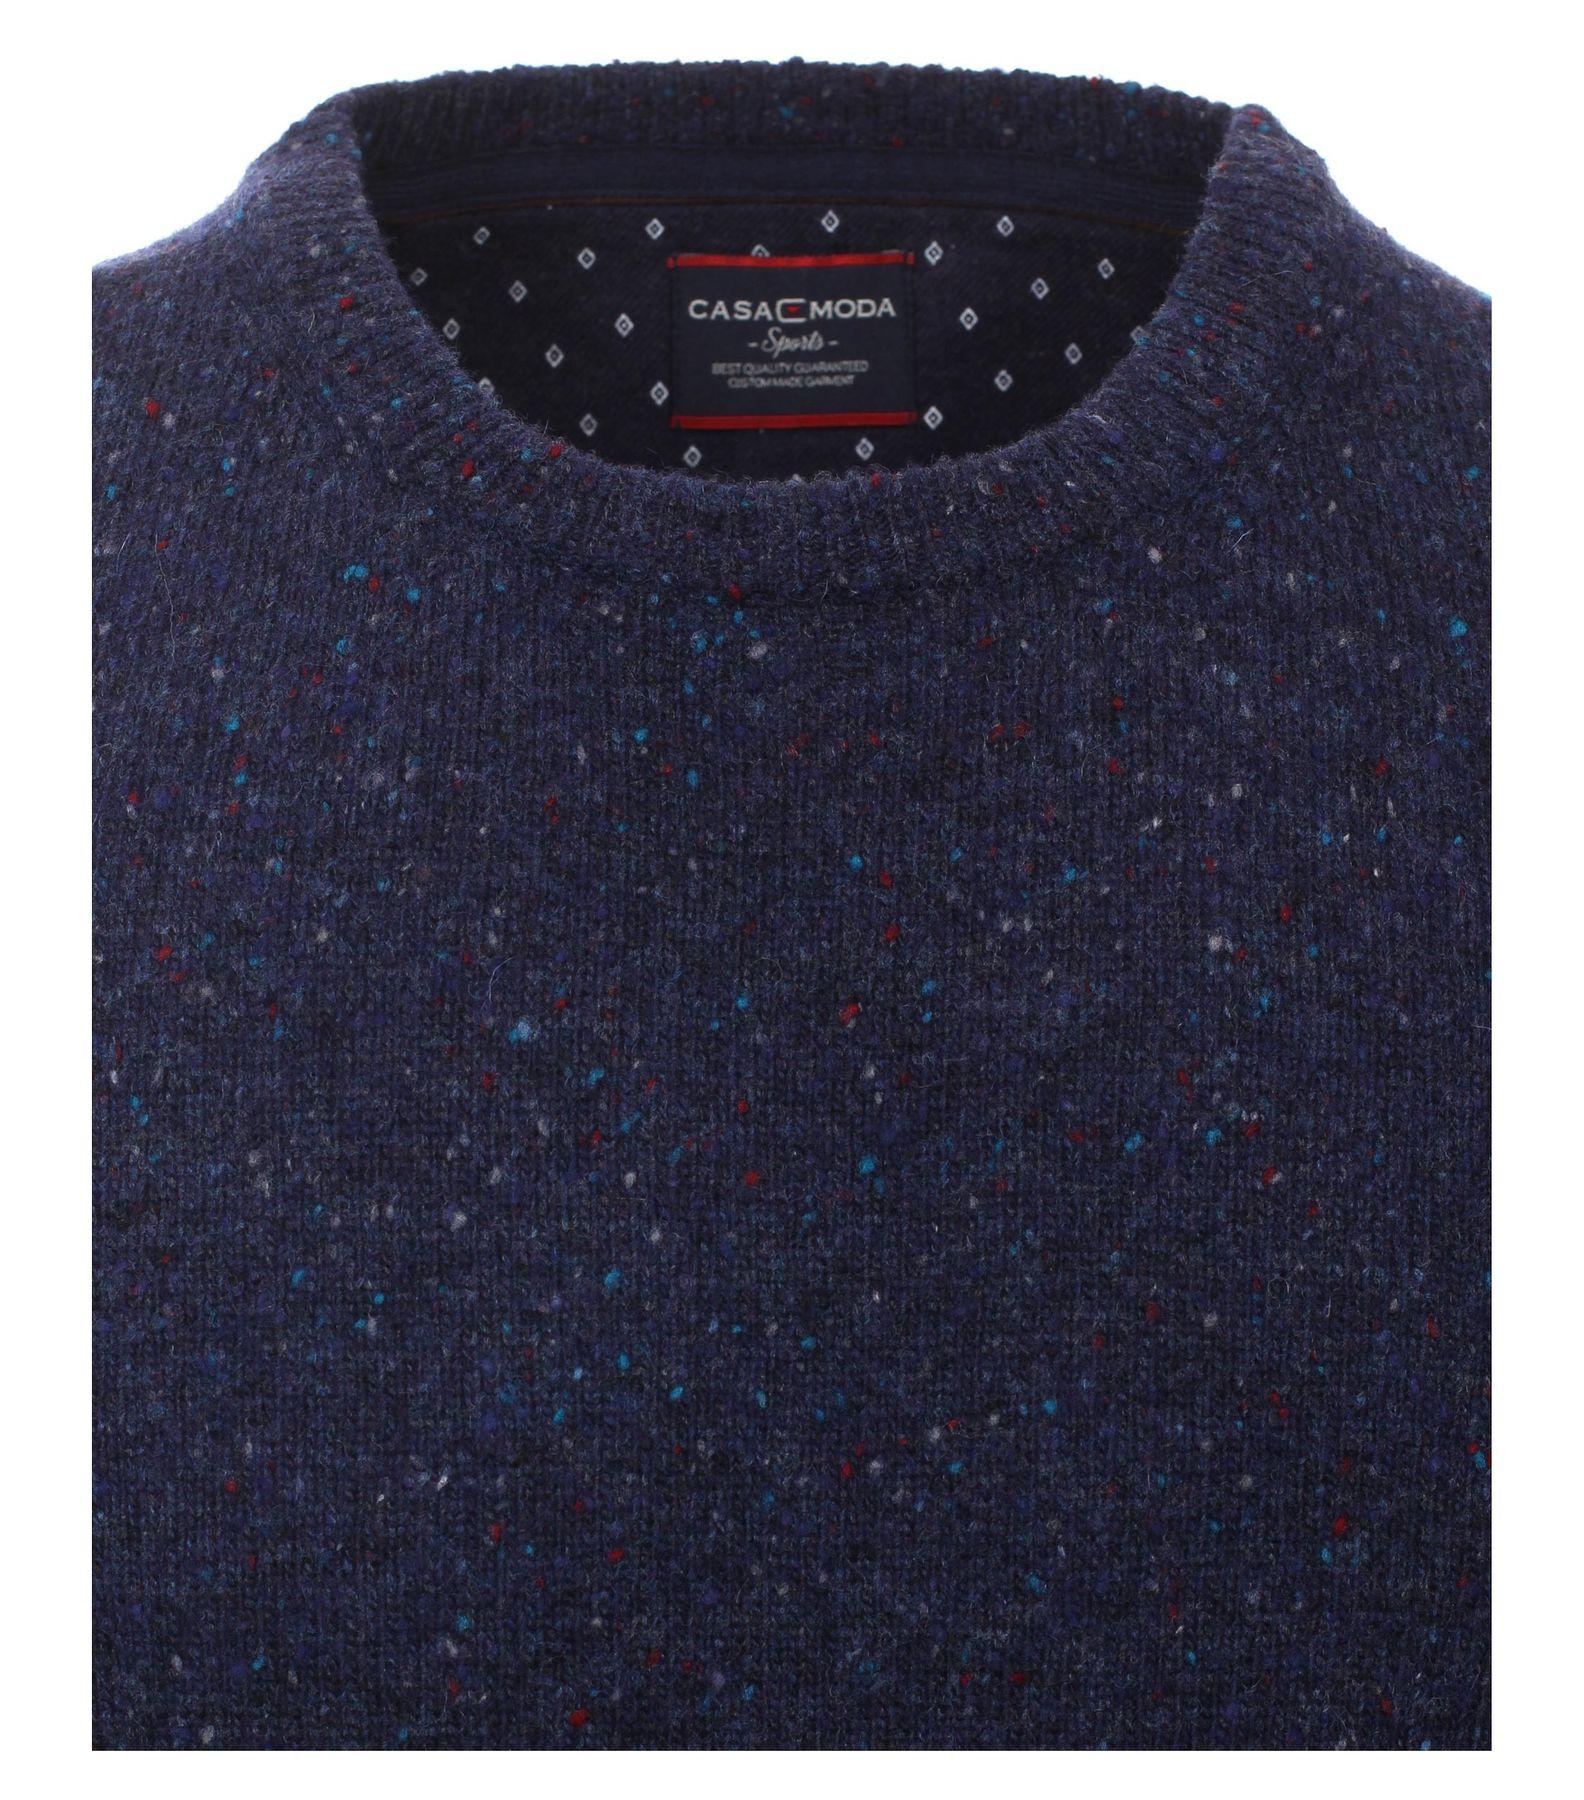 Casa Moda - Herren Pullover mit Rundhalsausschnitt in verschiedenen Farben (462536200A) – Bild 3